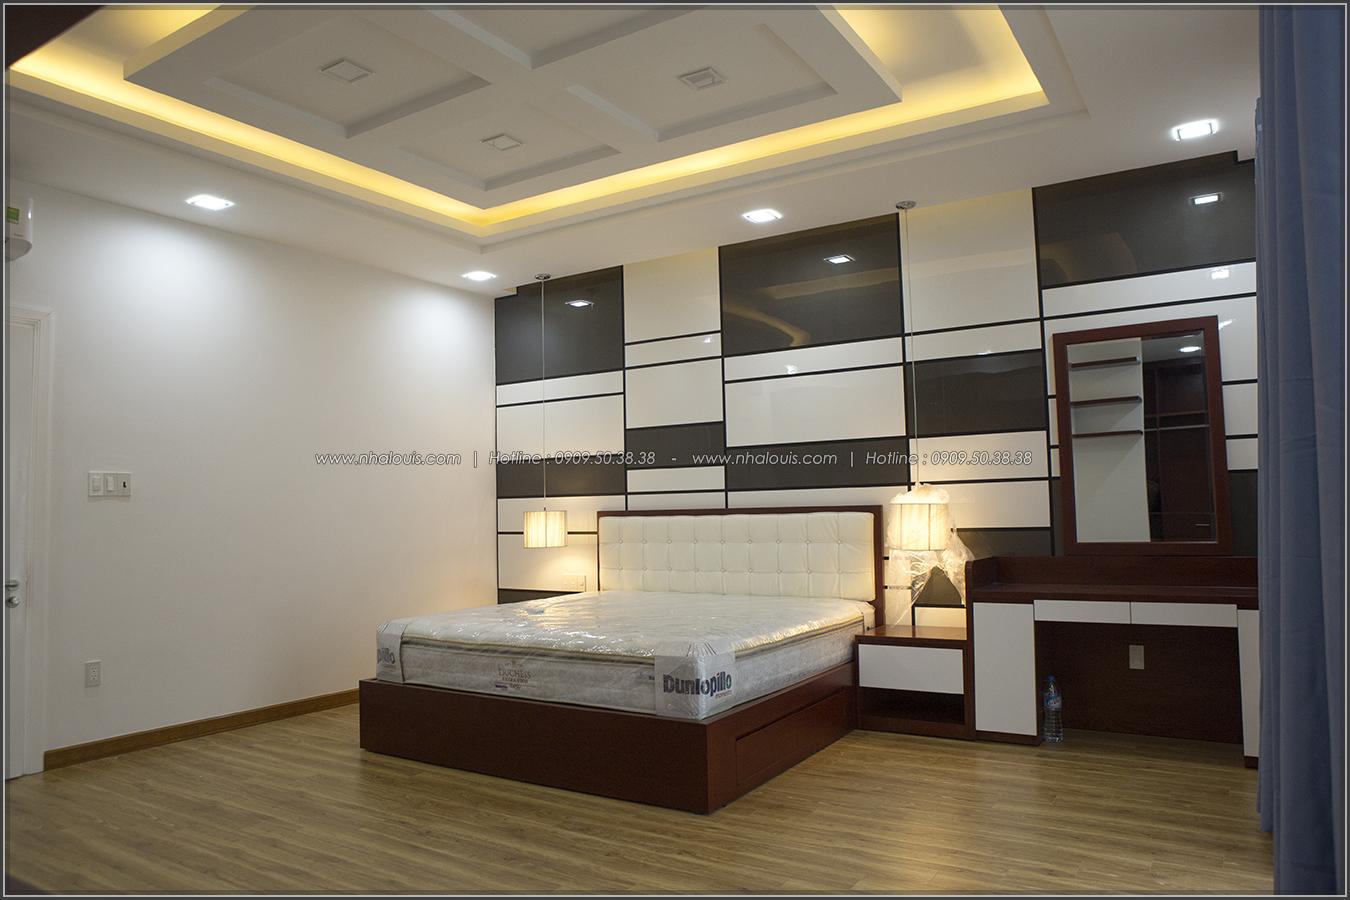 Thiết kế và thi công biệt thự phố đẹp với hồ bơi xanh mát tại Tân Bình - 34